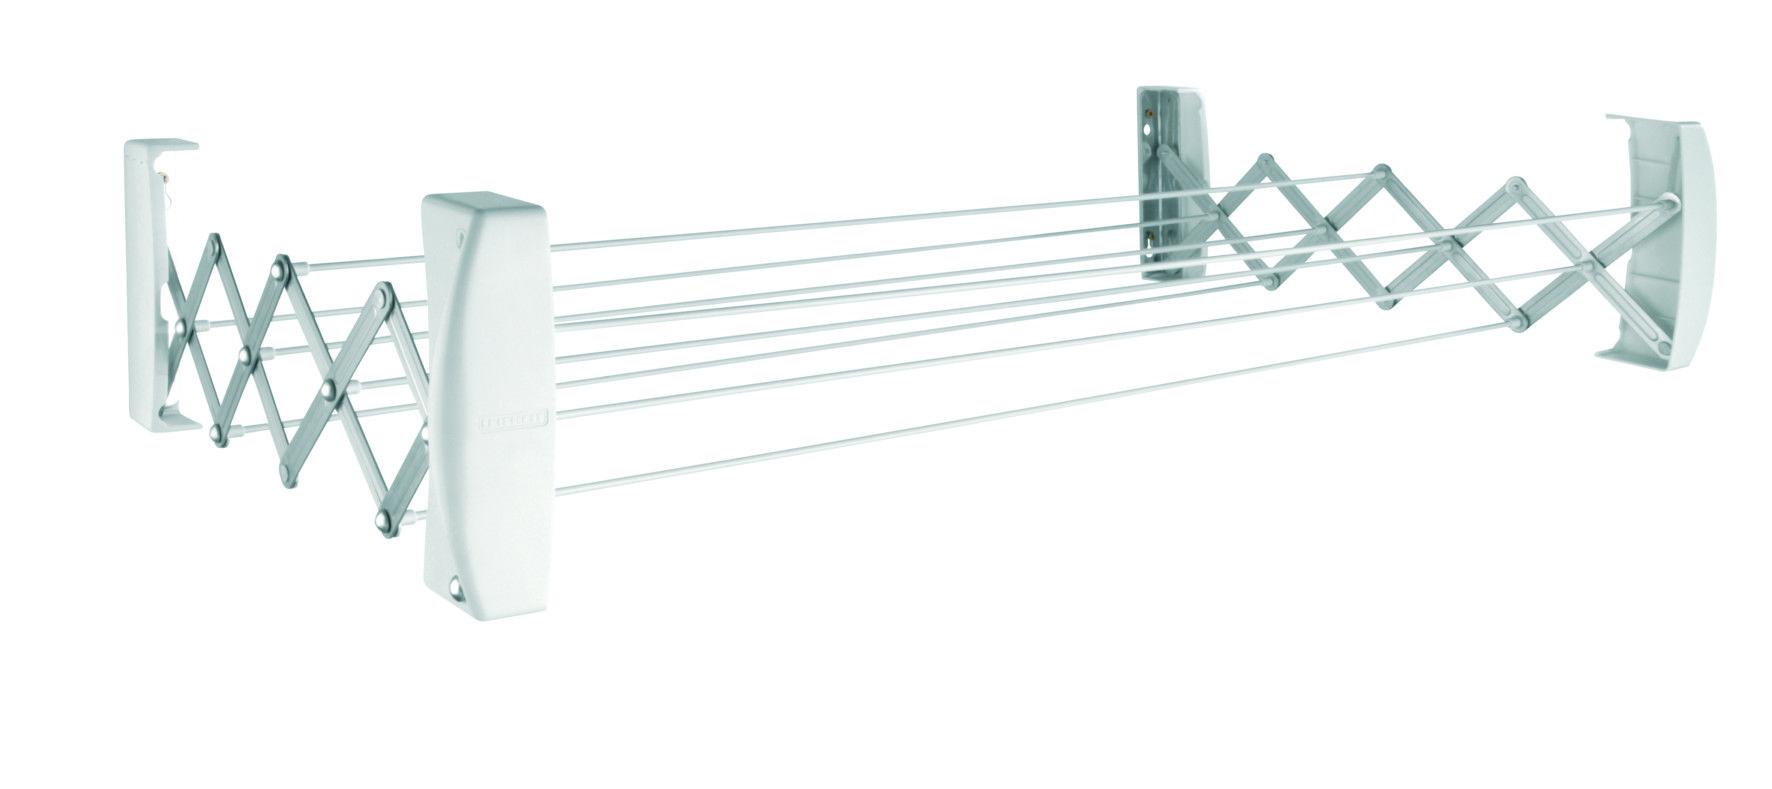 Leifheit сушилка для белья teleclip 100 настенная раздвижная.